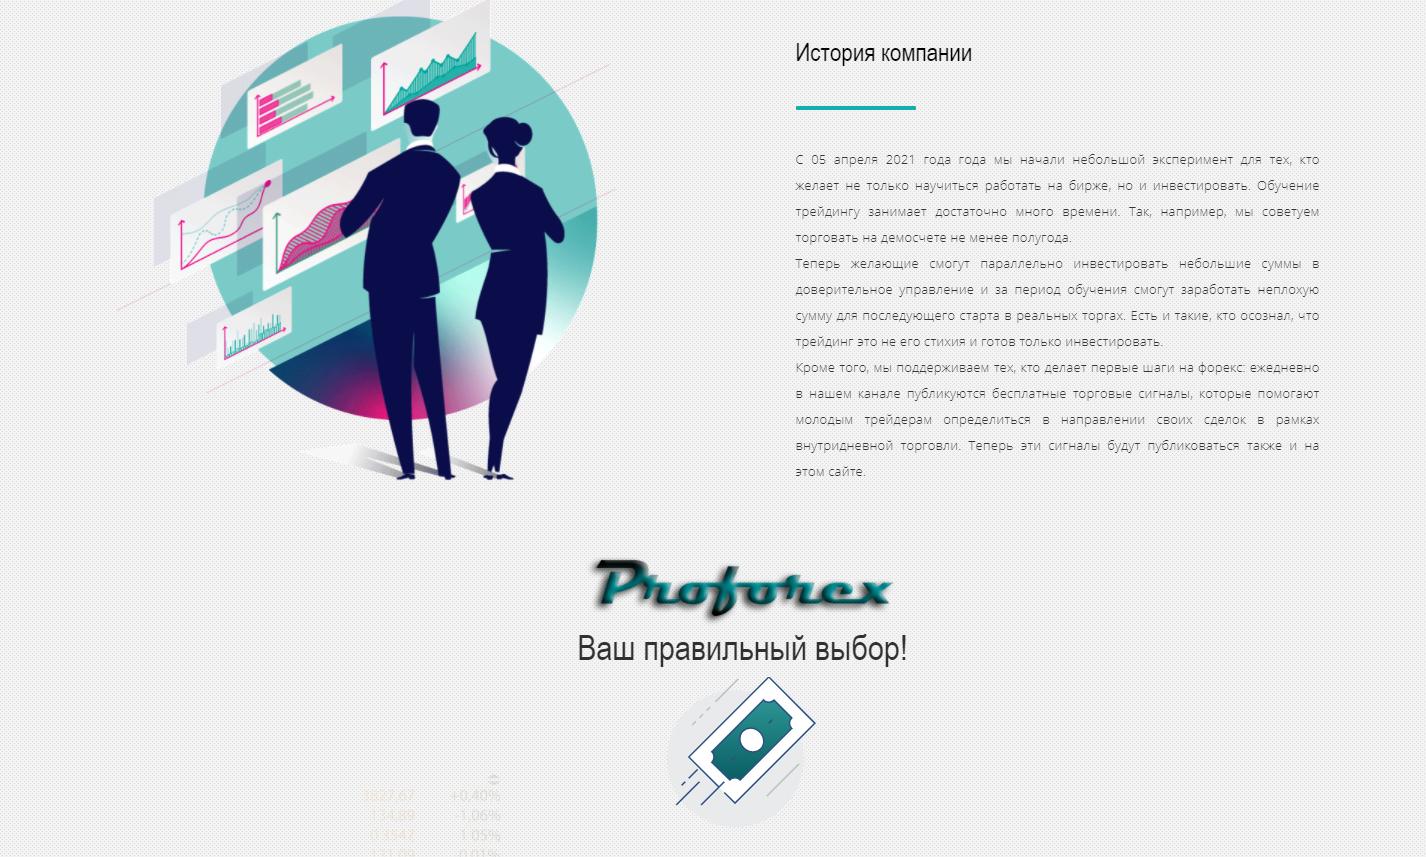 Отзывы о Proforex: стоит ли инвестировать или это обман? обзор